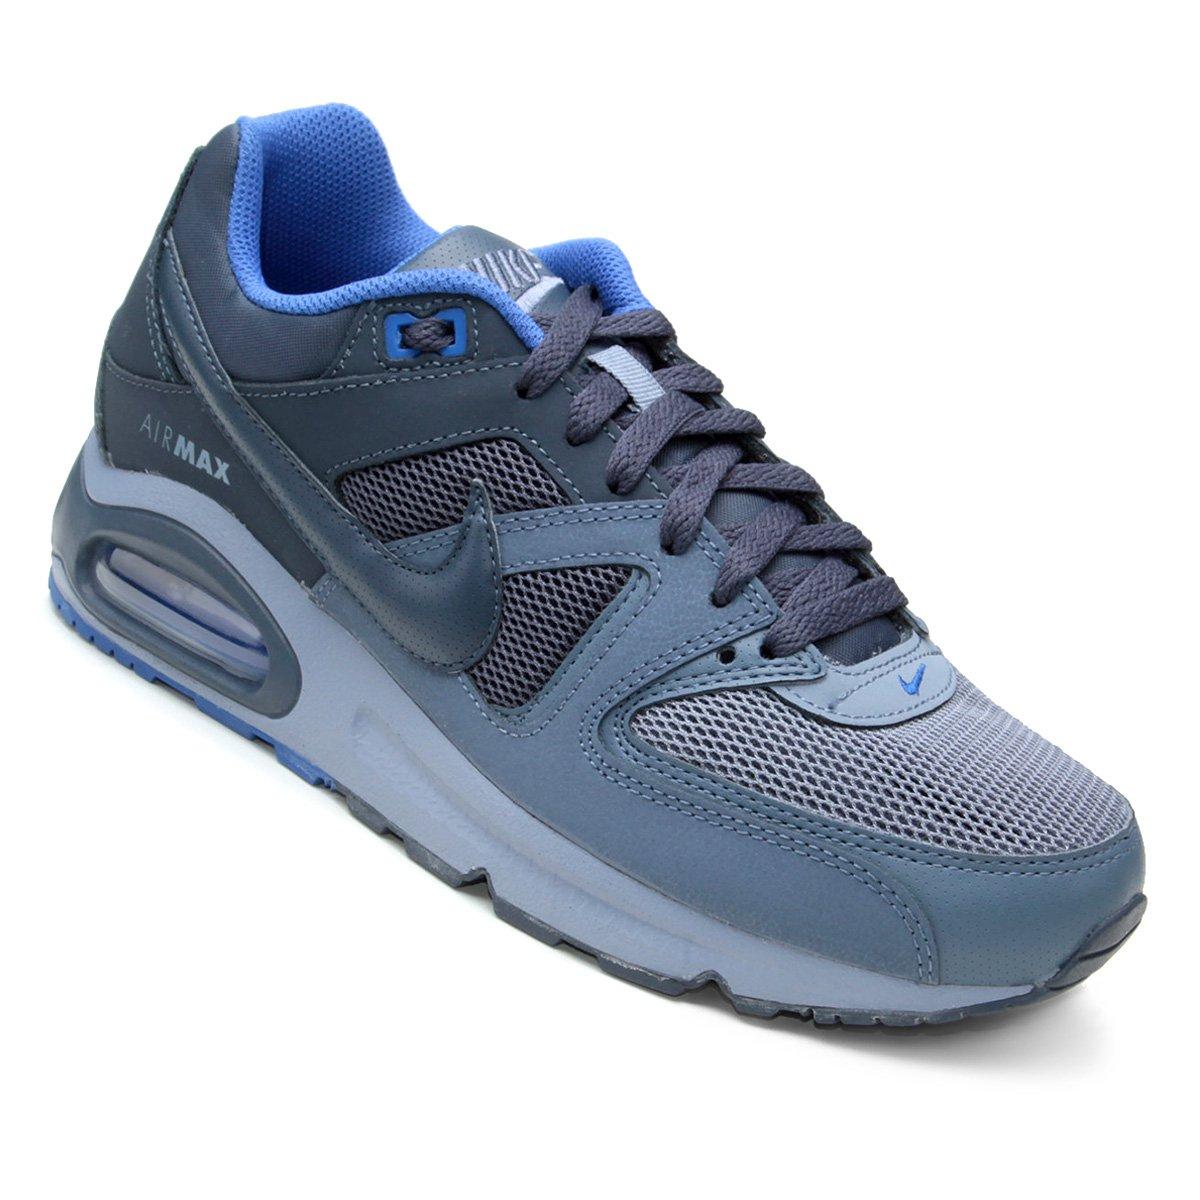 4a00a478fbc Tênis Nike Air Max Command Masculino - Azul - Compre Agora